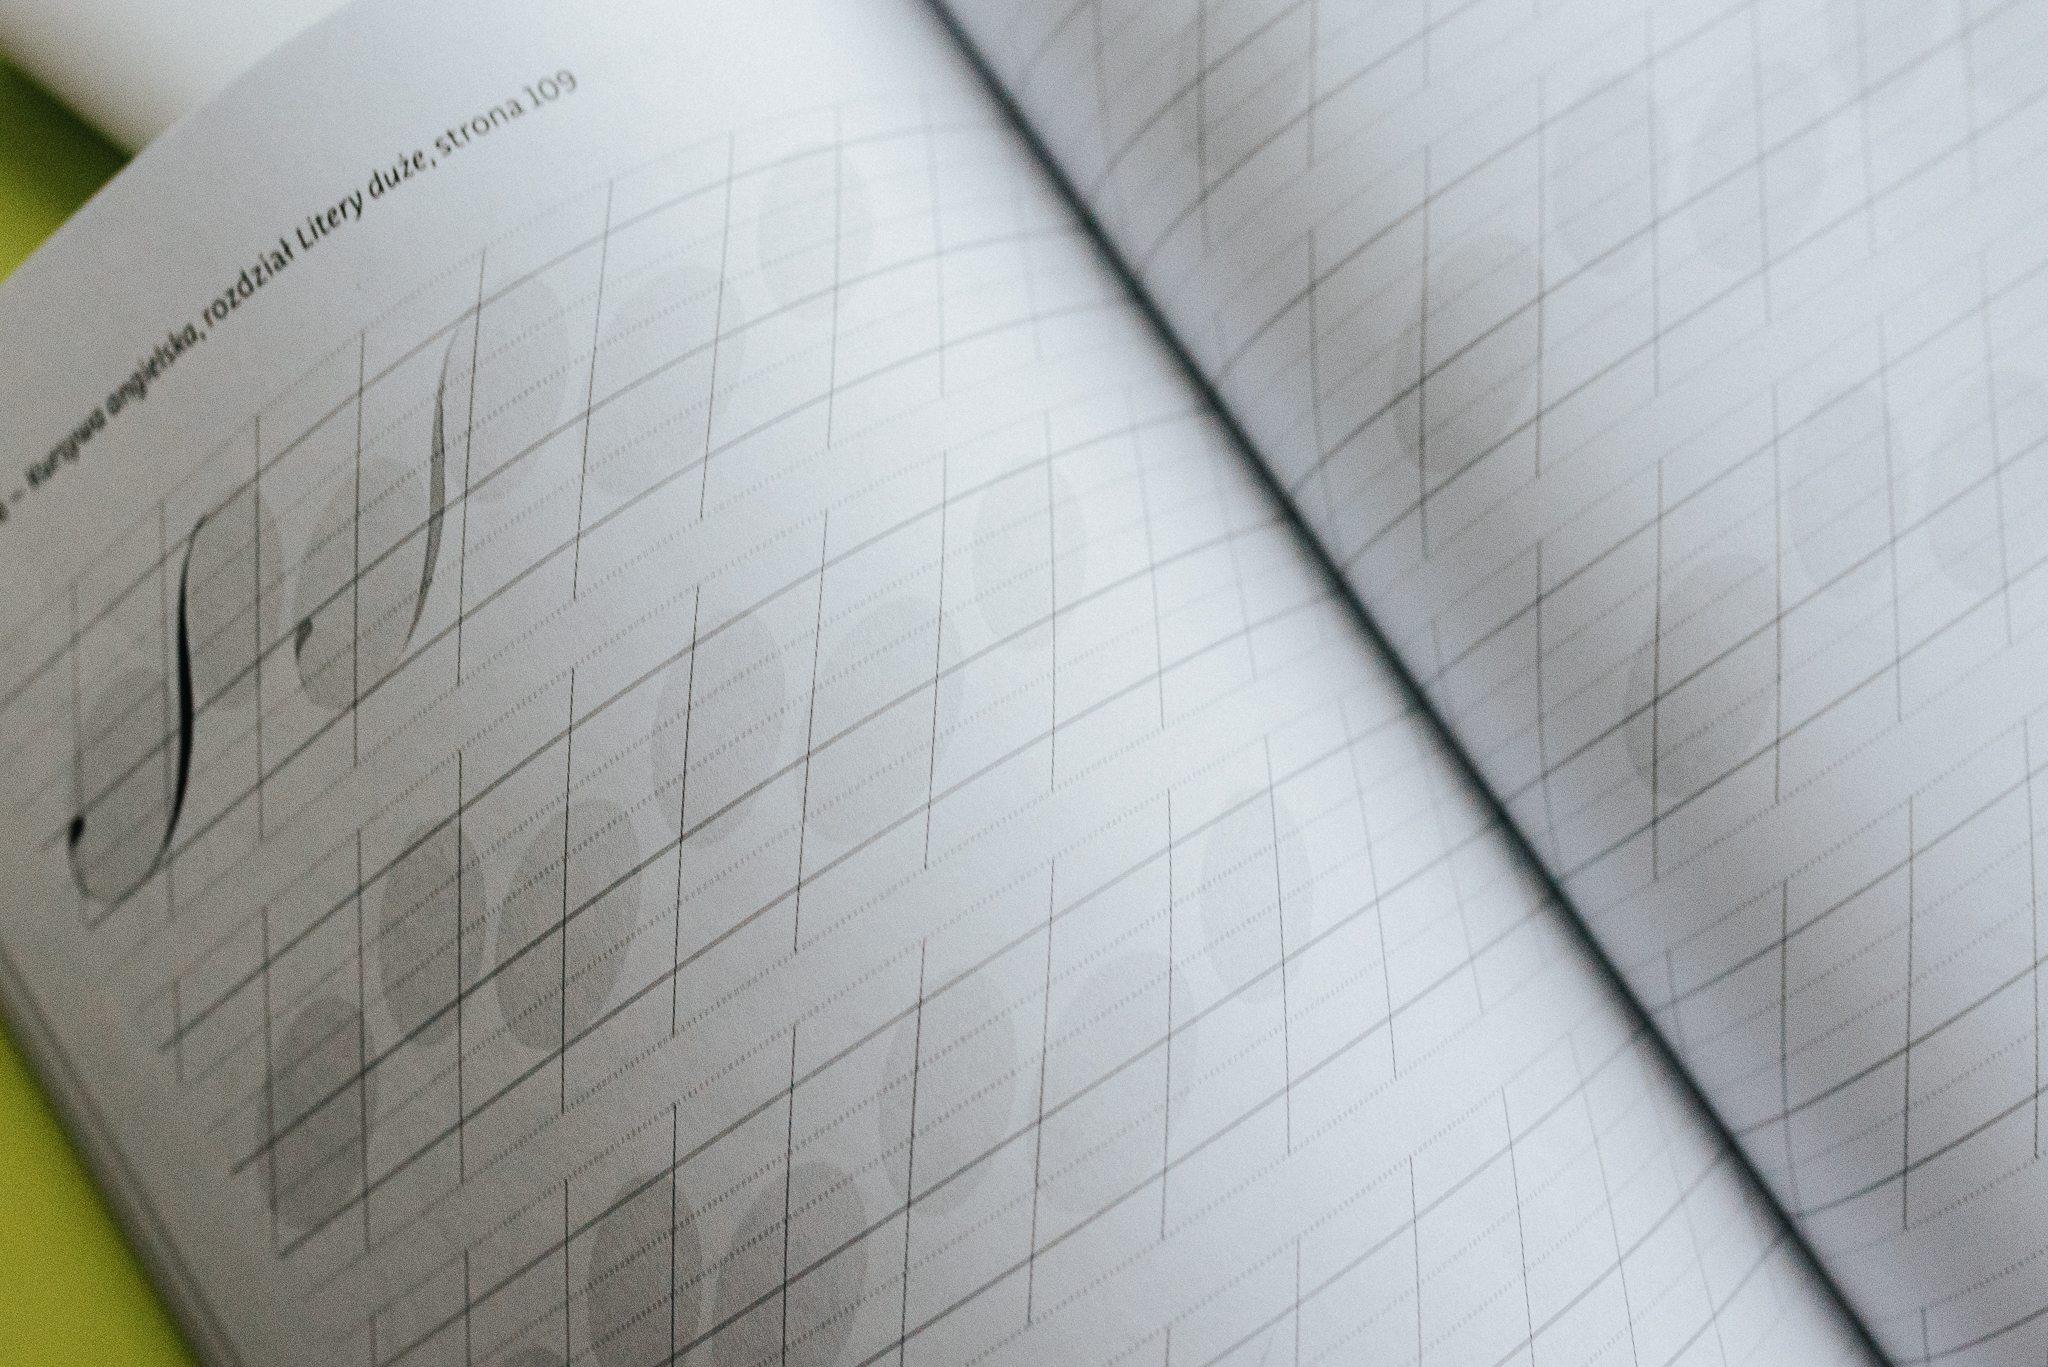 piękna litera zeszyt ćwiczeń recenzja kaligrafia